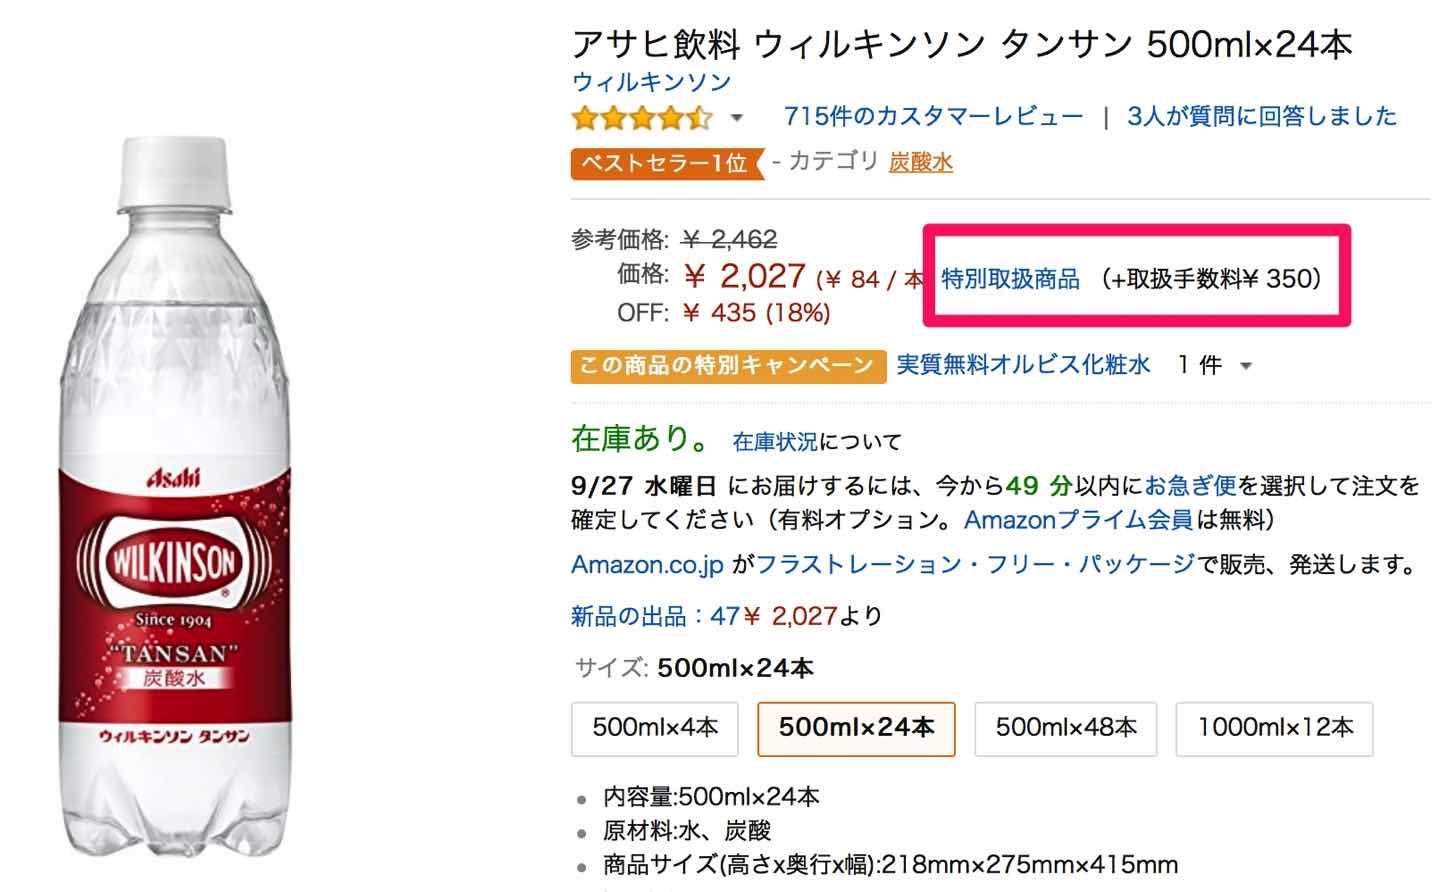 Amazonprime 1